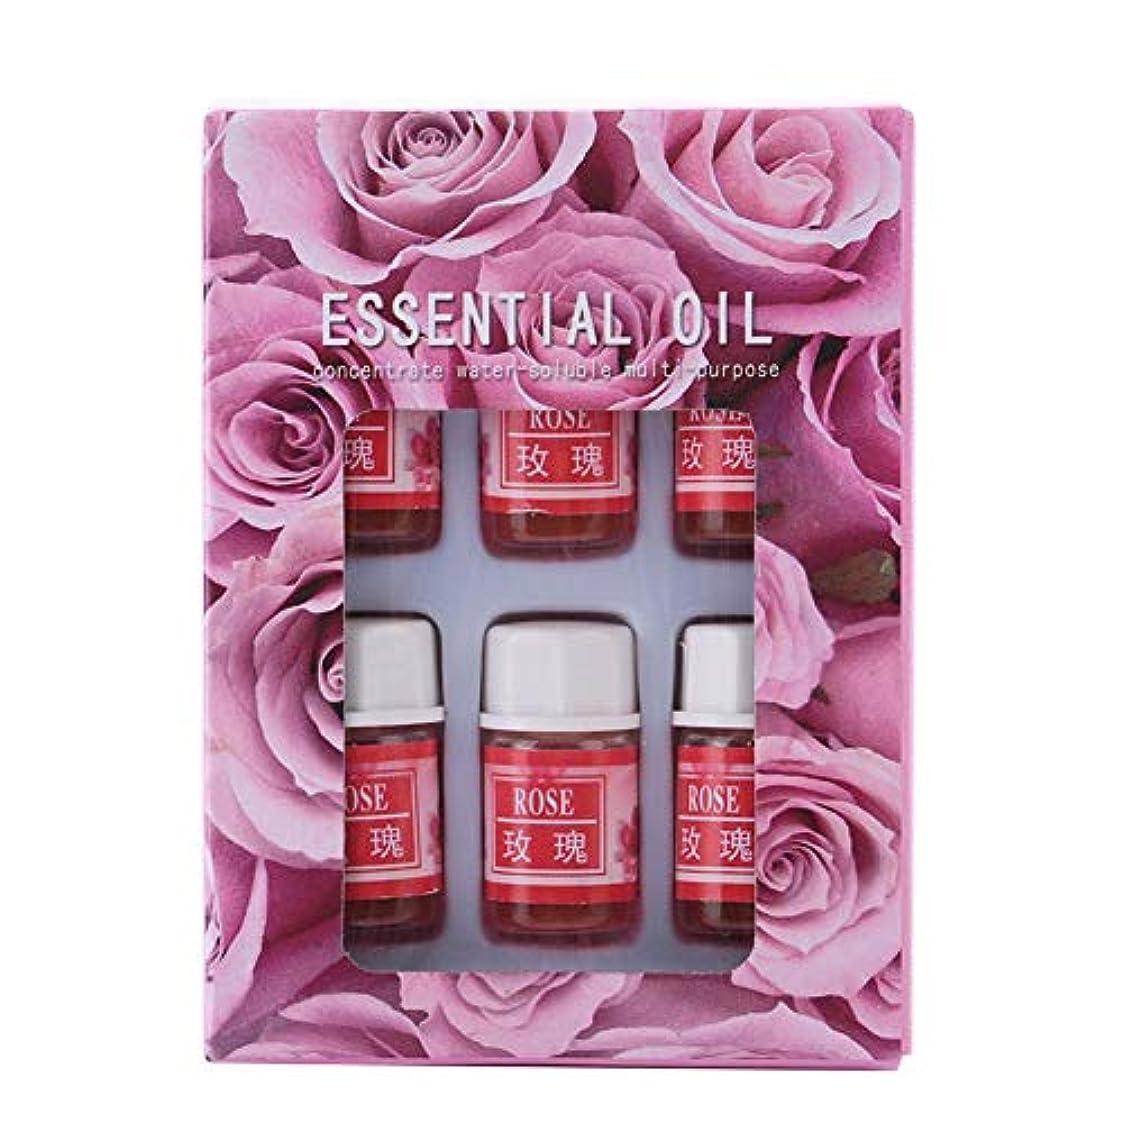 6個 3ML 天然香料 アロマセラピー 加湿器用 水溶性 エッセンシャルオイル 睡眠を改善します 良い香り(02)